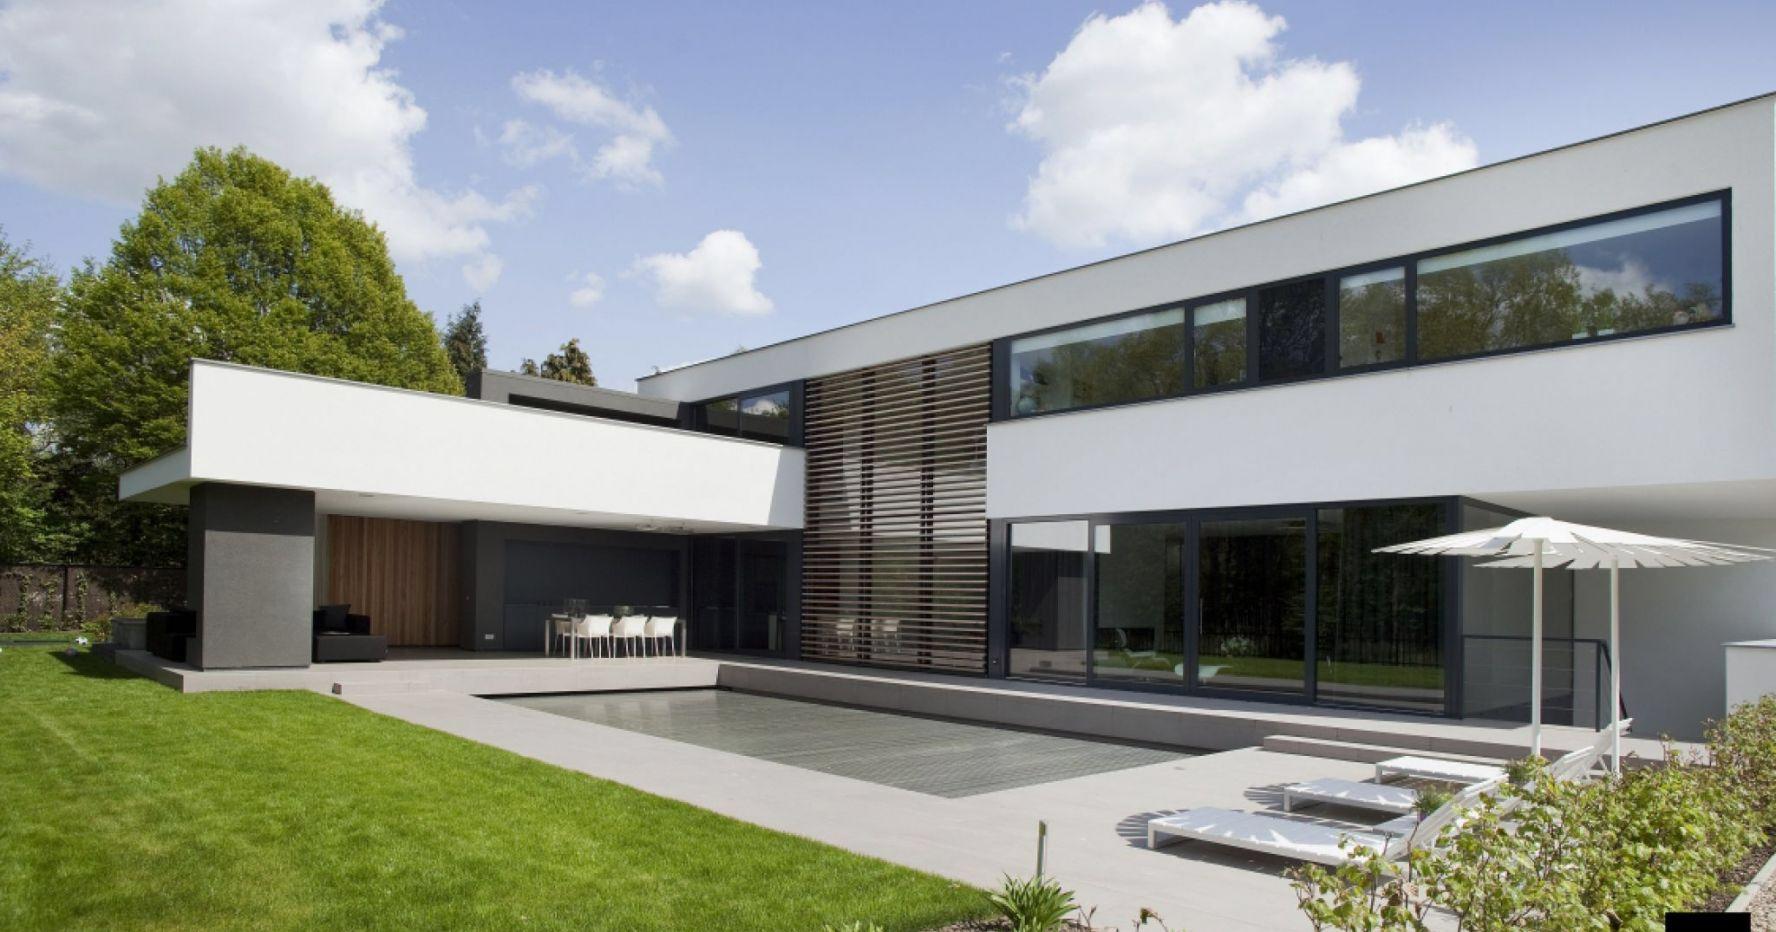 Woonhuis 47044 exterieur huis & architectuur pinterest